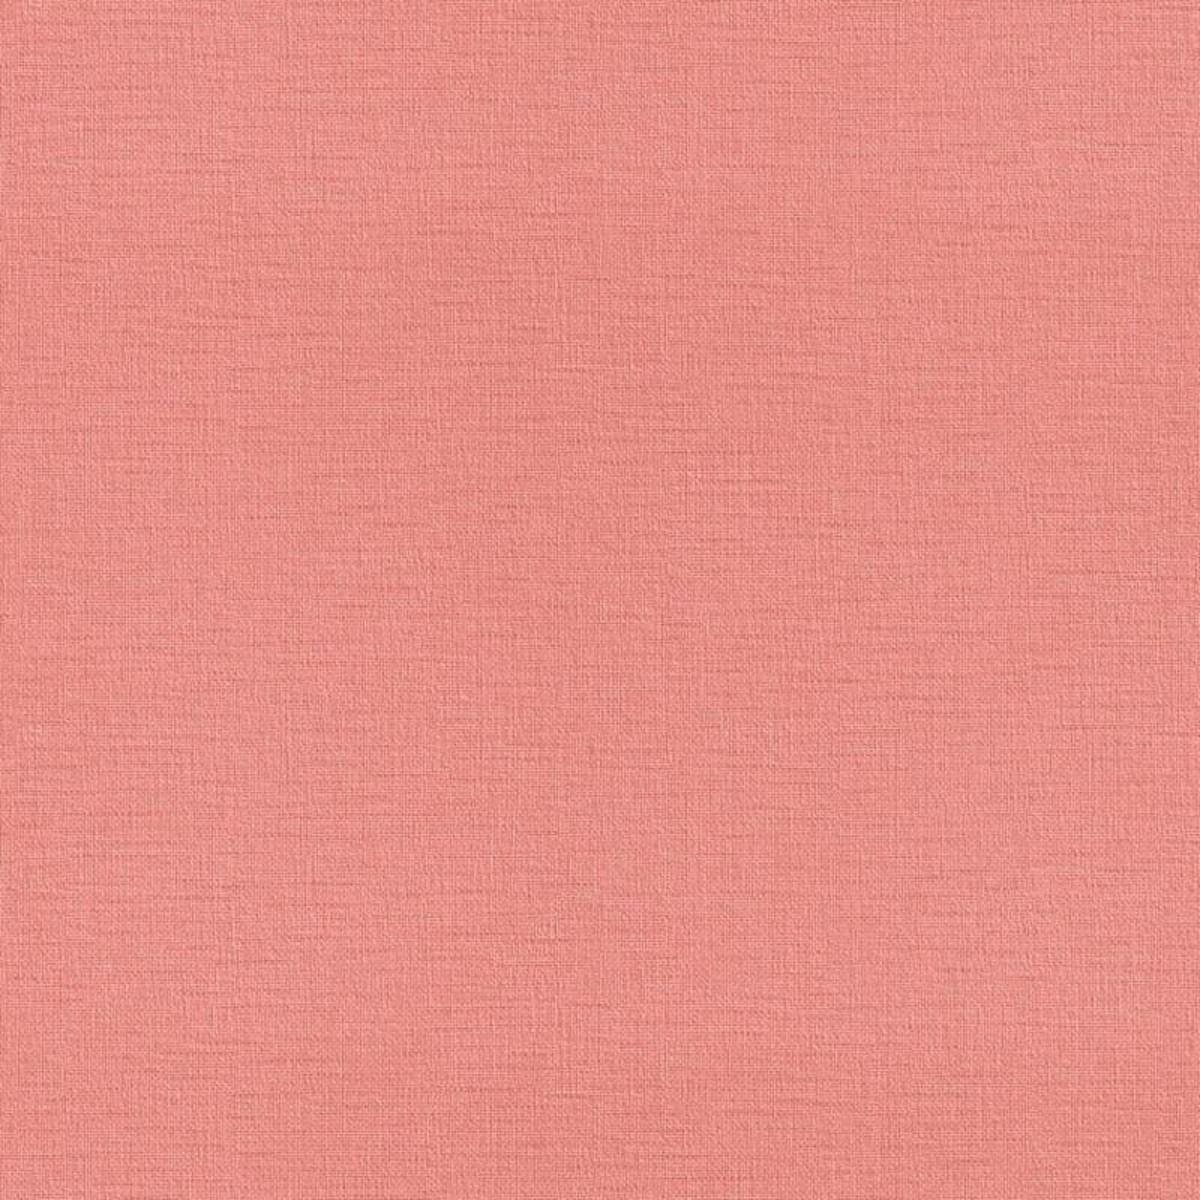 Обои флизелиновые Rasch b.b home passion 2016 розовые 0.53 м 716986